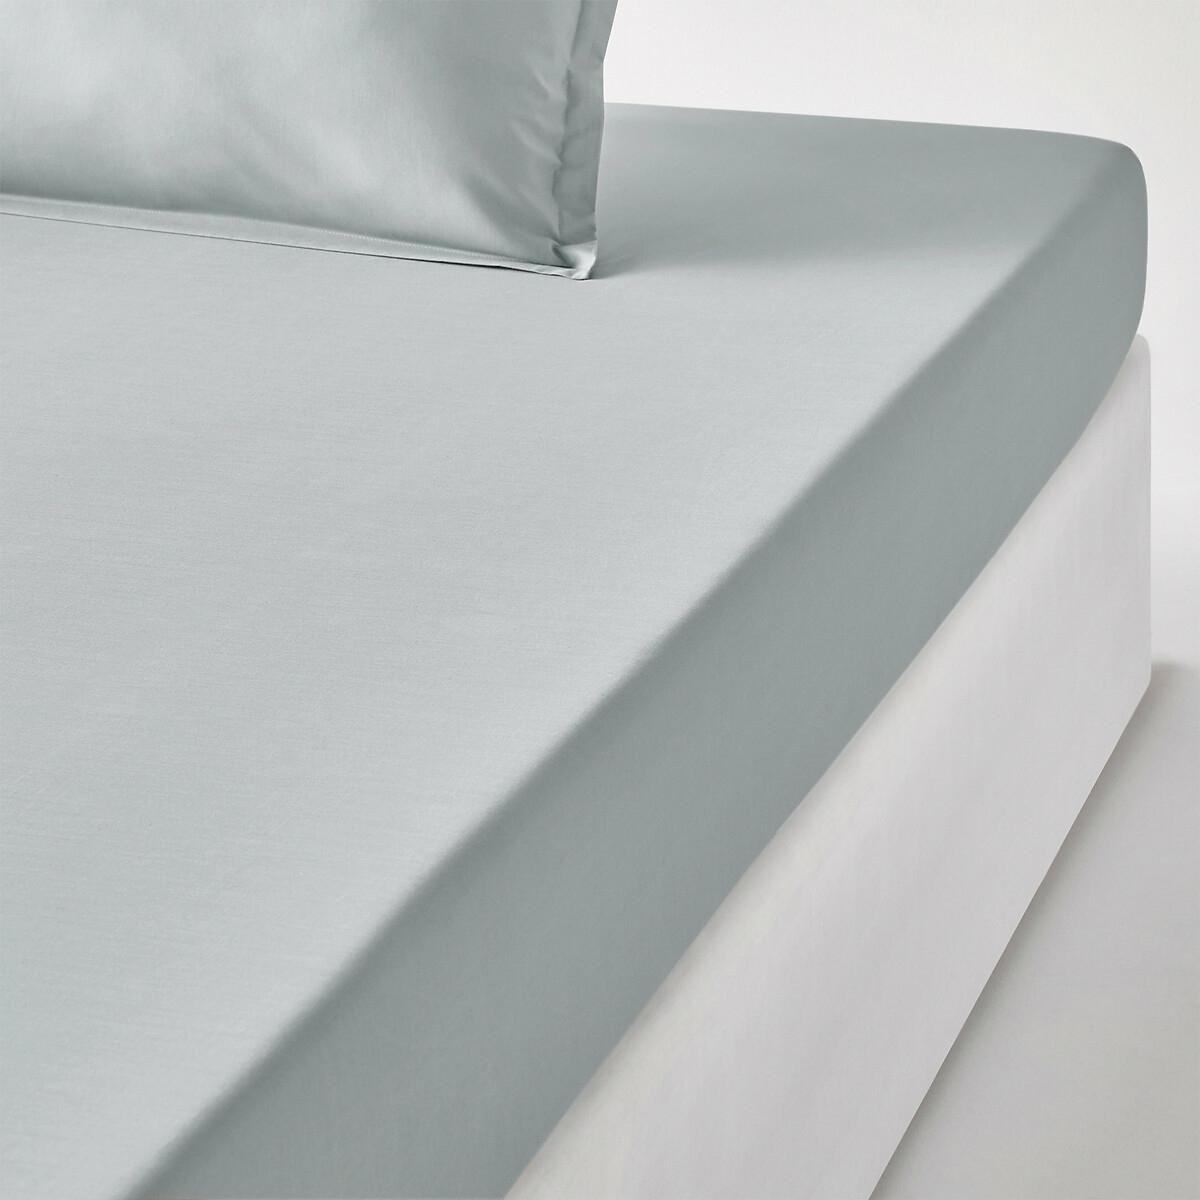 Простыня LaRedoute Натяжная детская из хлопковой перкали качество Qualit Best 90 x 190 см серый недорого